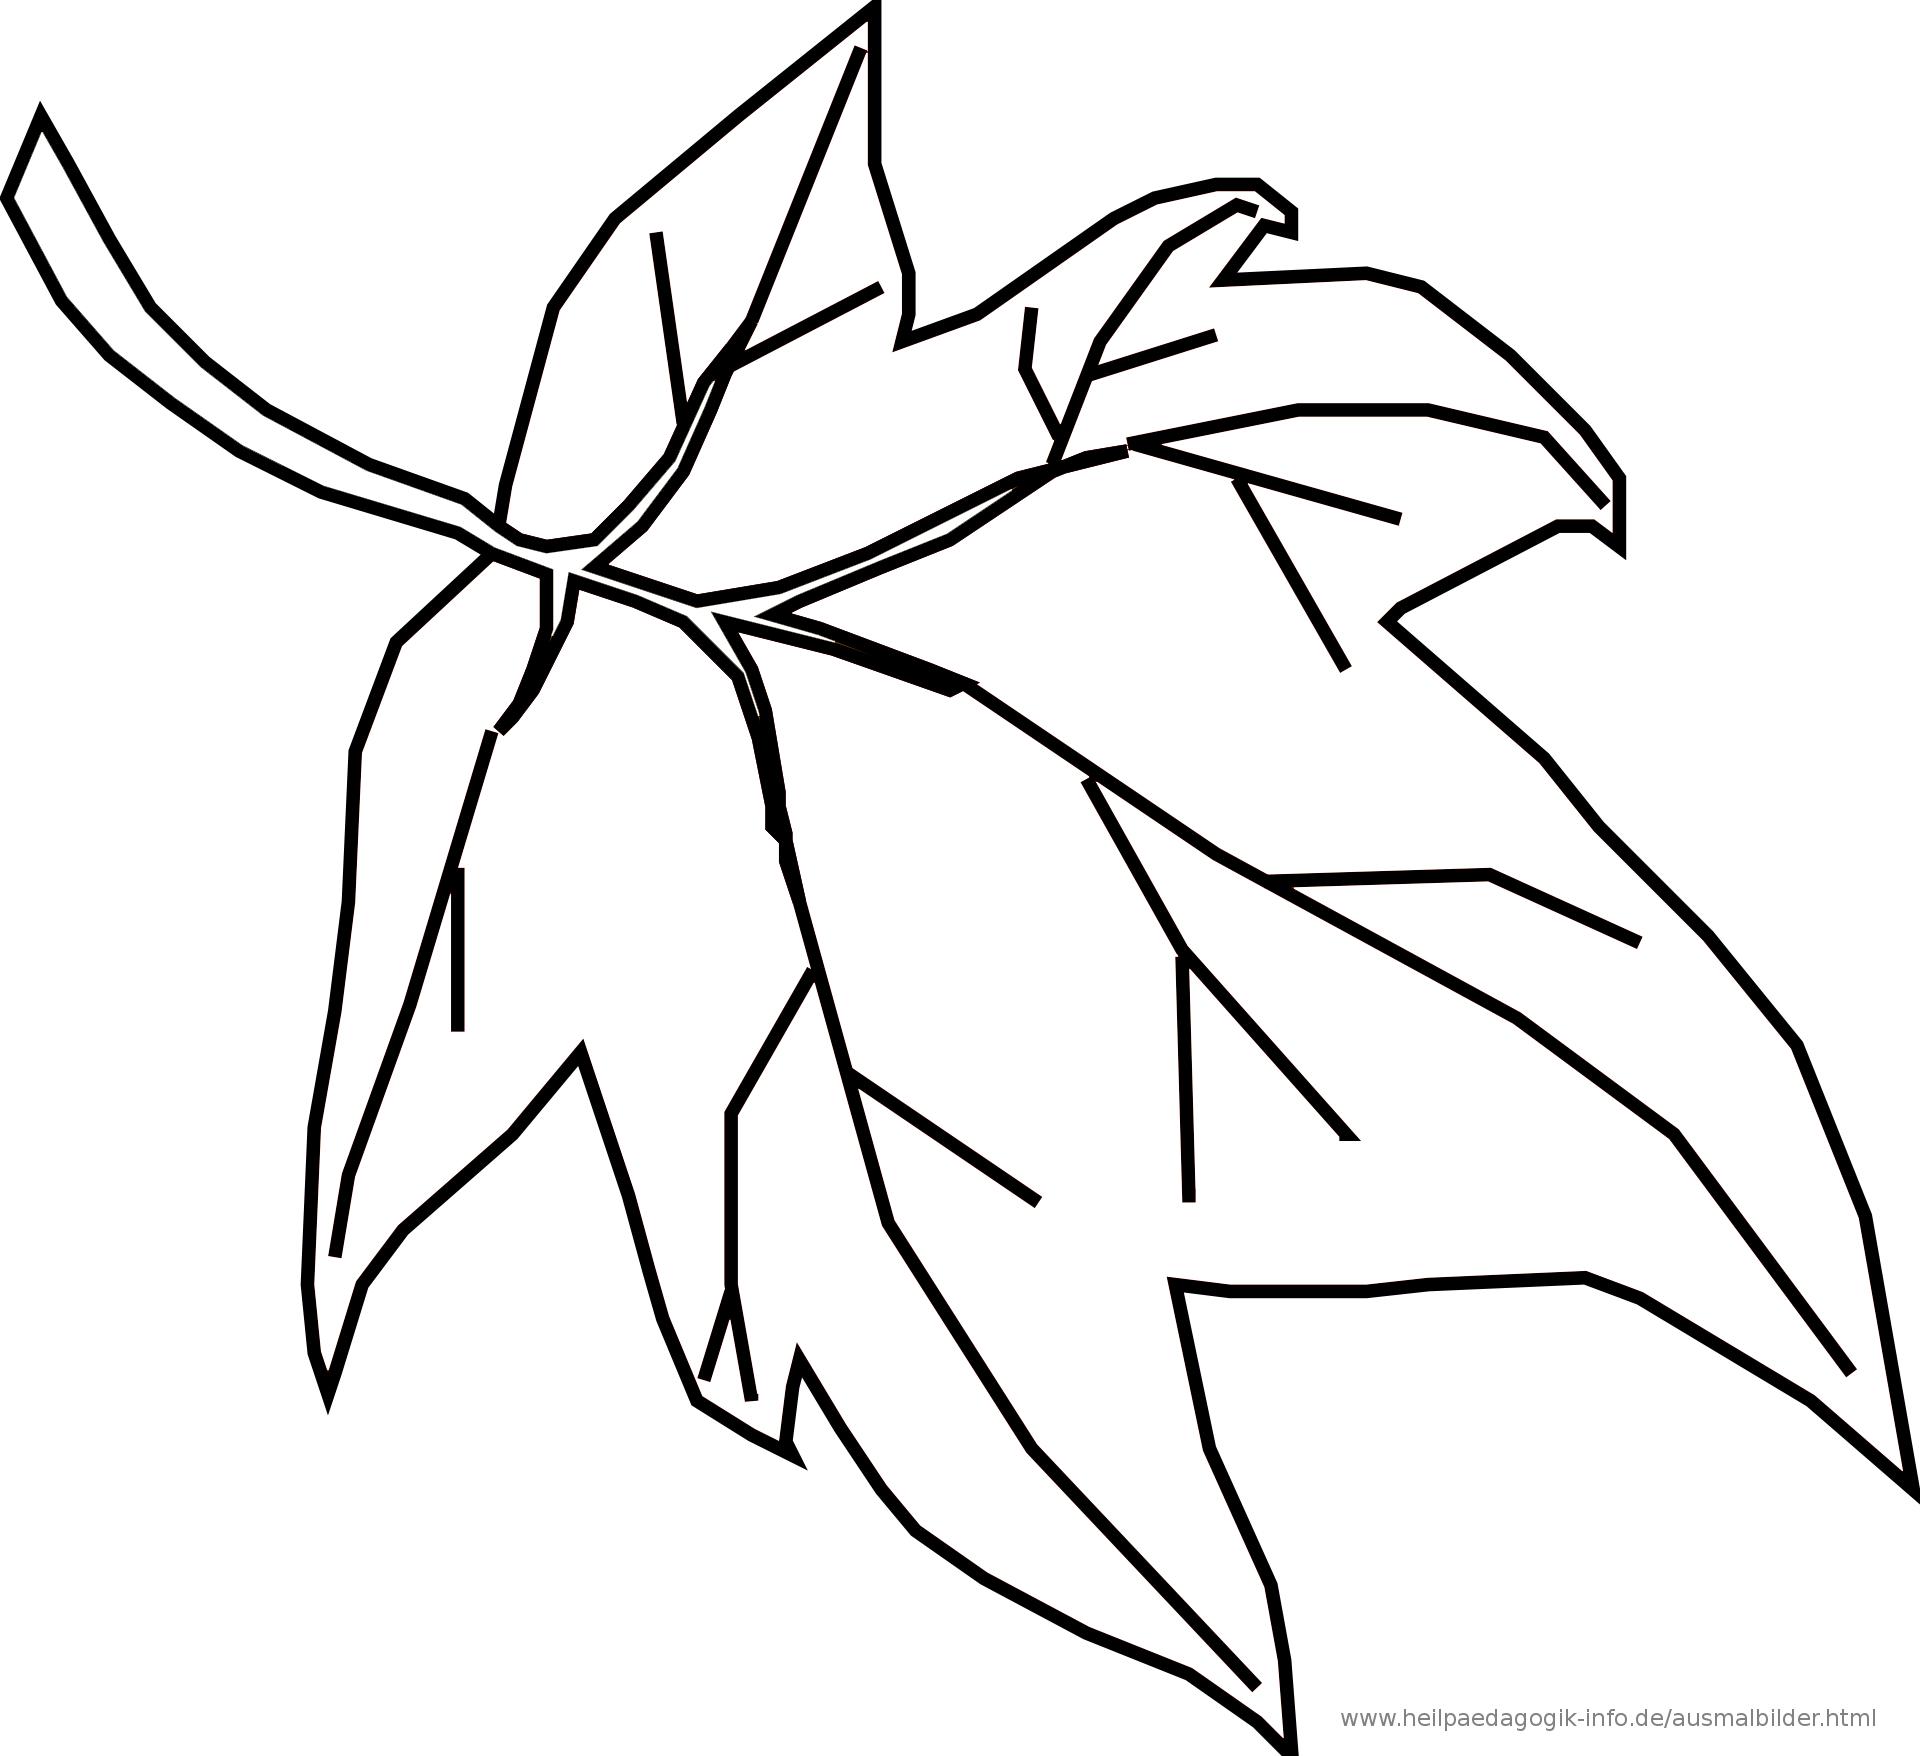 Ausmalbilder Blumen, Bäume, Blätter verwandt mit Ausmalbilder Blätter